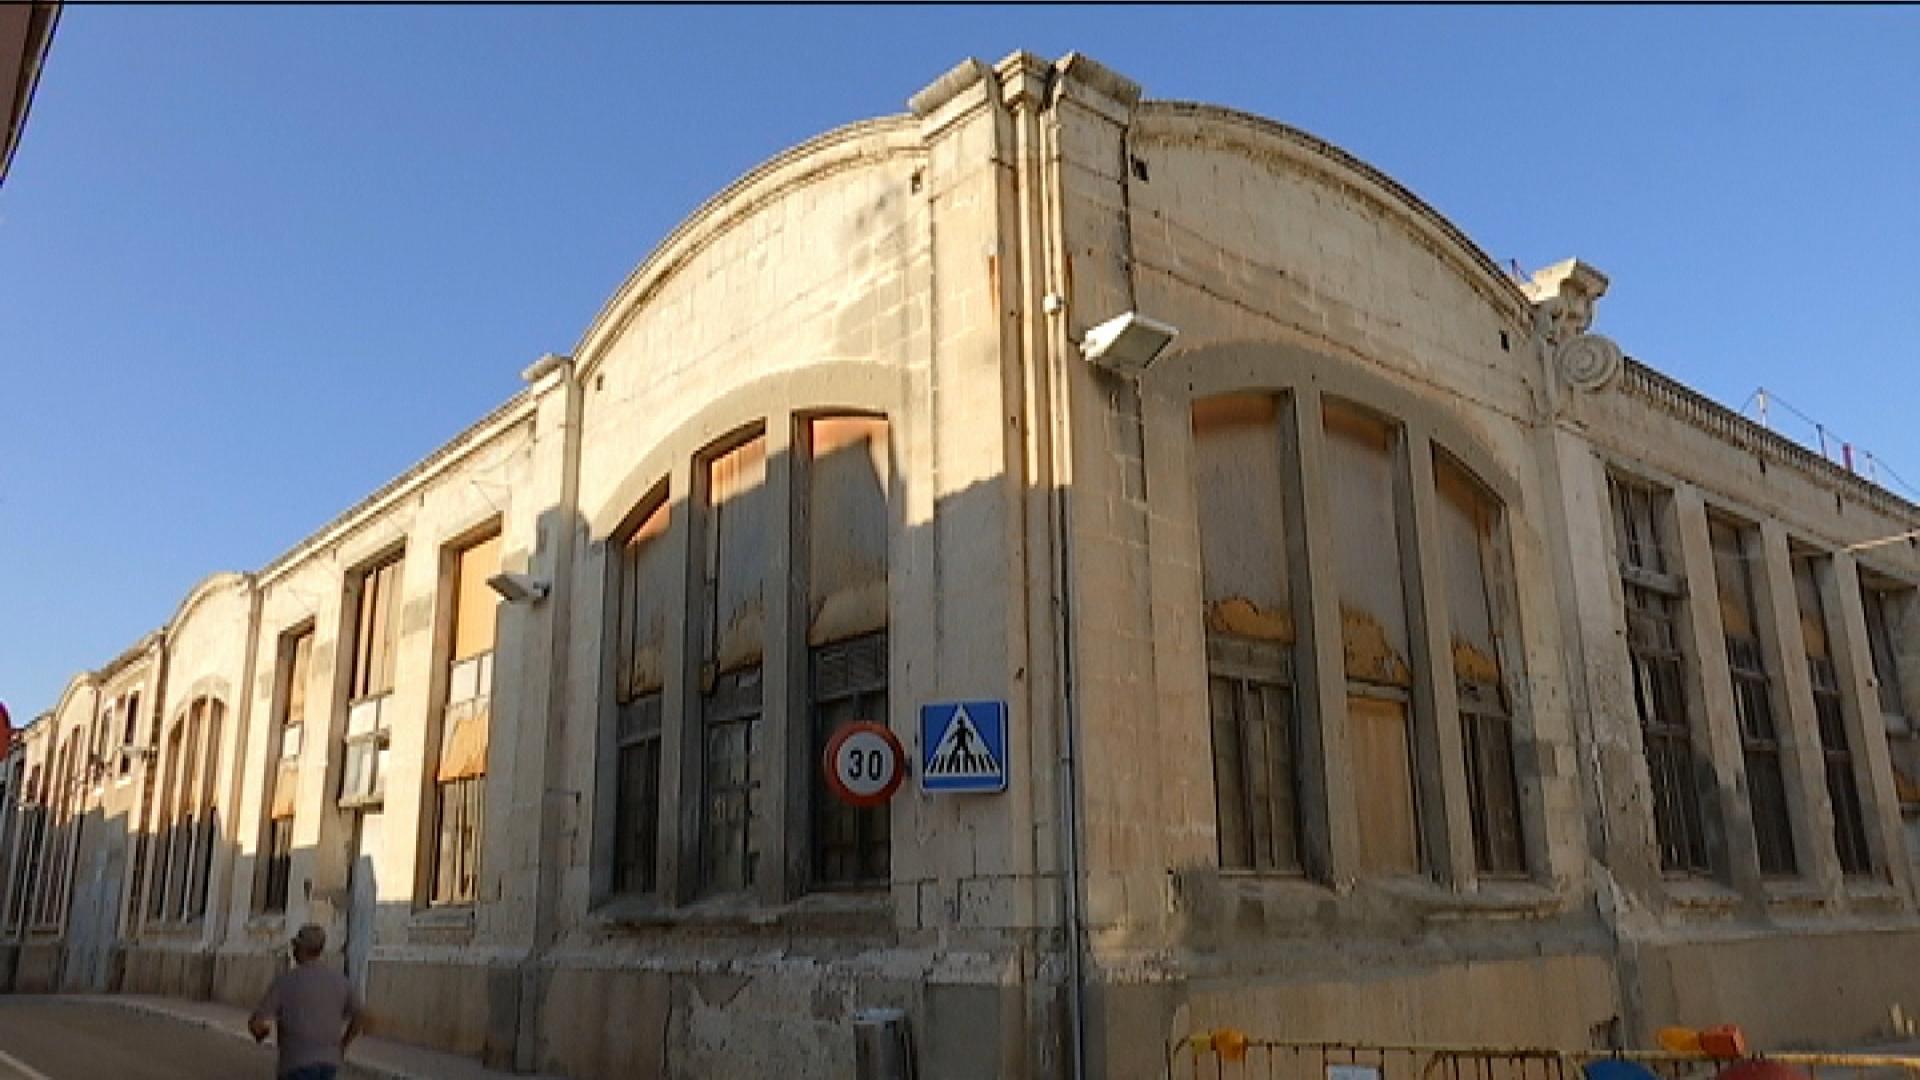 Menorca+importa+un+model+aragon%C3%A8s+per+donar+un+%C3%BAs+temporal+a+solars+i+edificis+buits